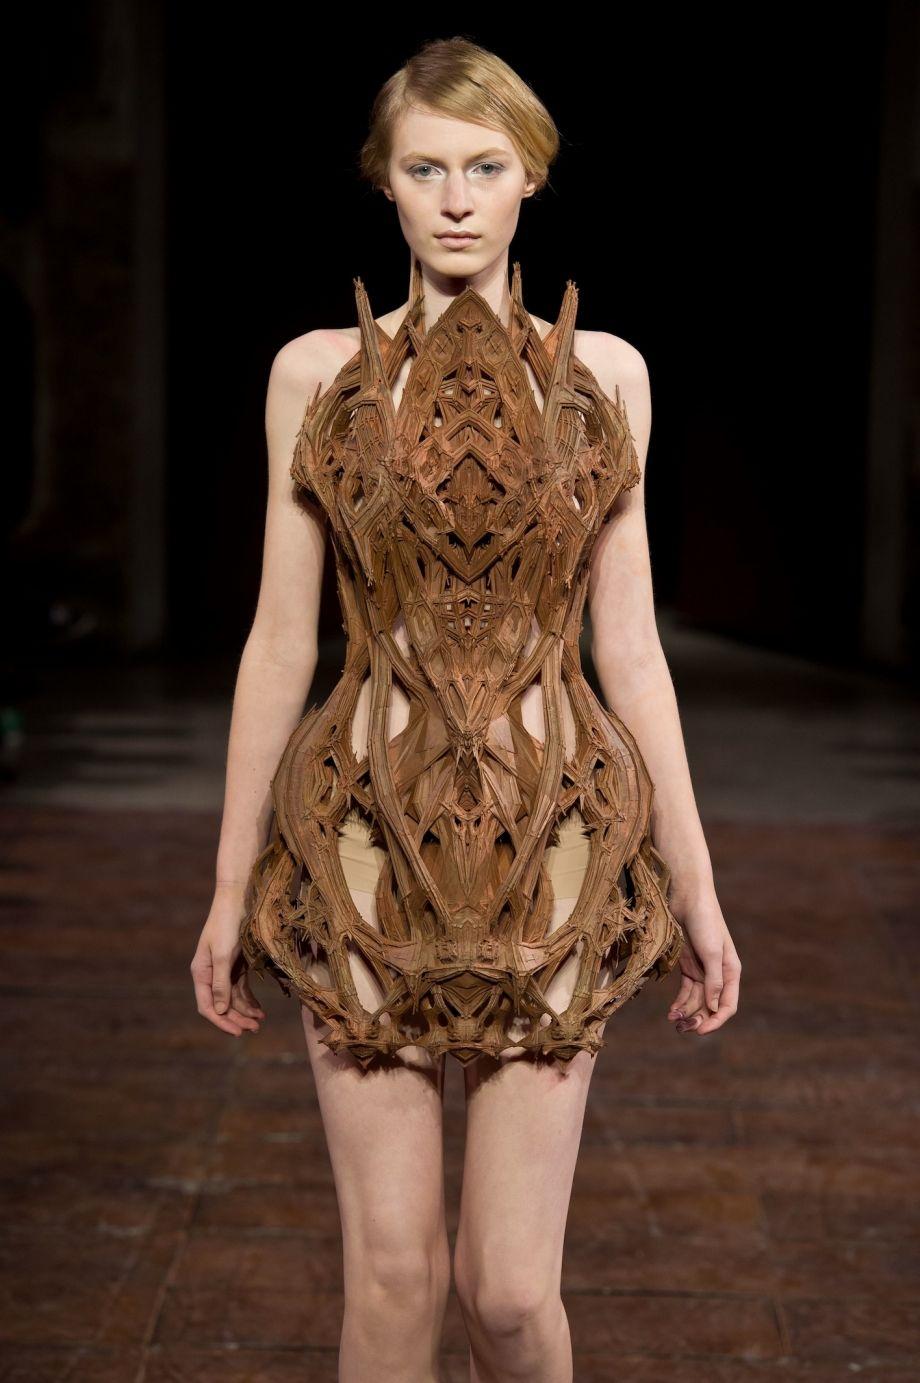 Iris van herpen micro dress images